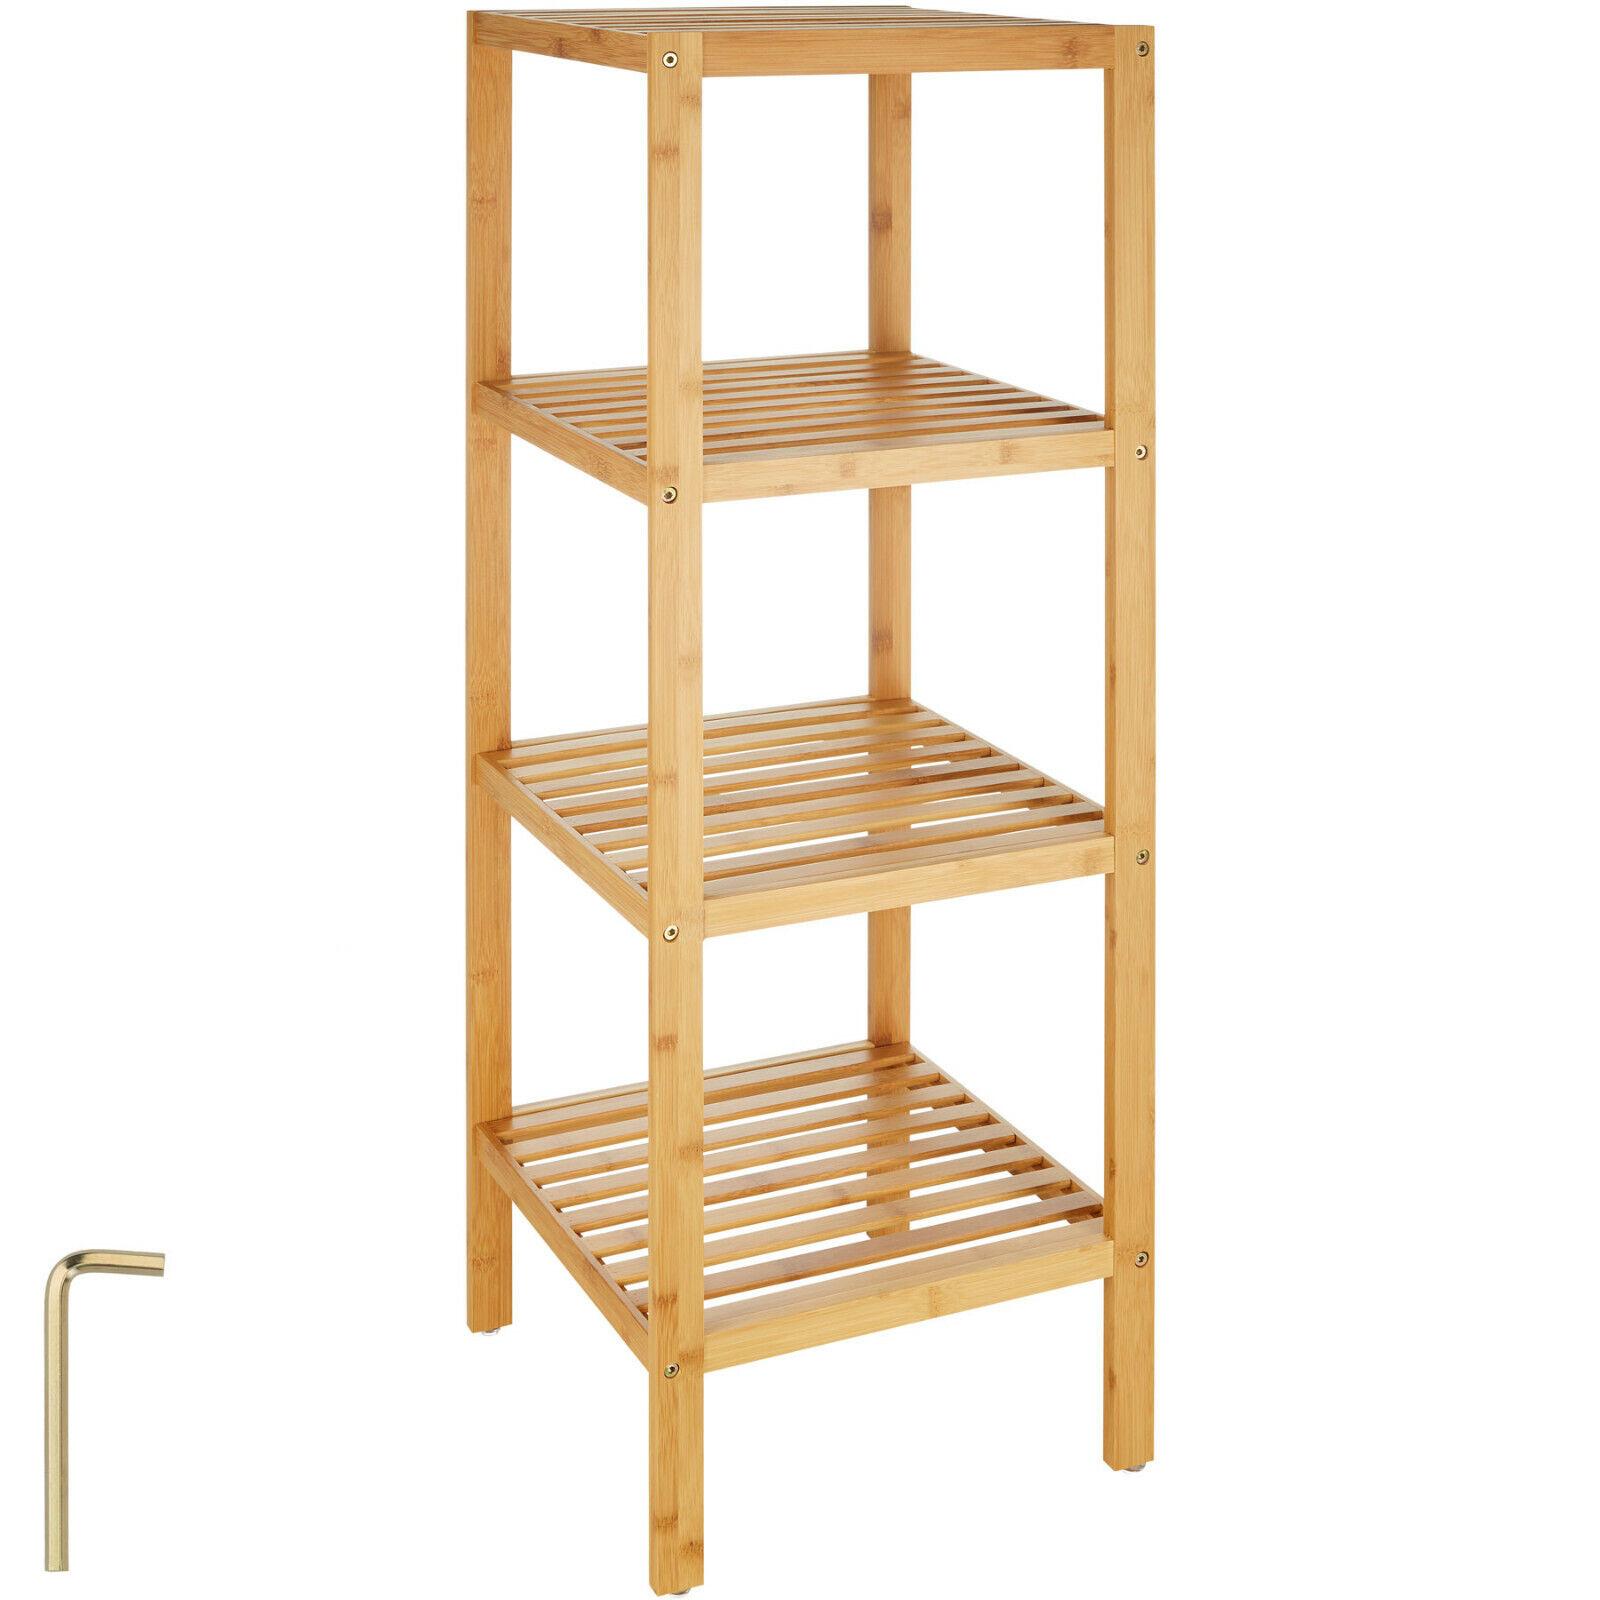 Estantería de madera bambú con 4 niveles para baño toallas librería organizador